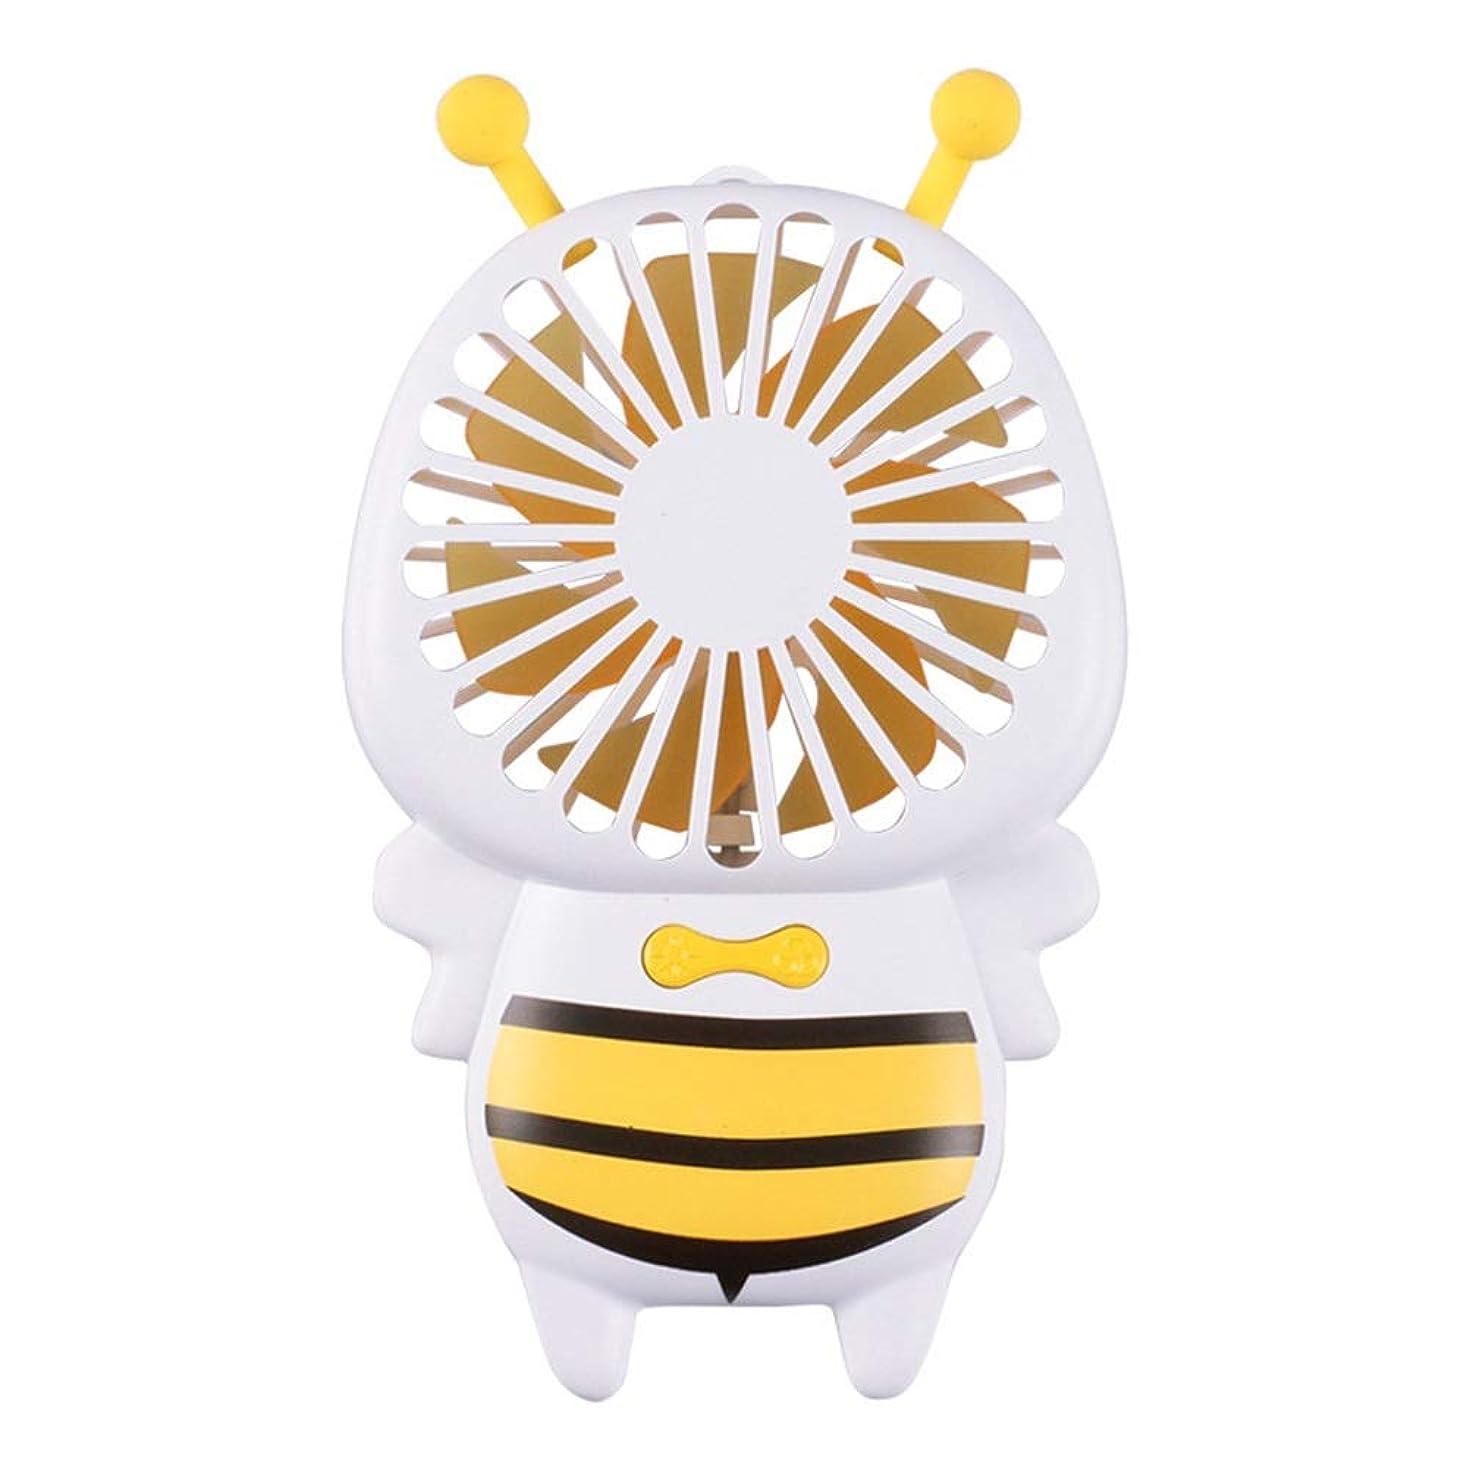 ペネロペ夢中ショッピングセンターファン小型の蜂のファン携帯用ハンドヘルド超薄型夜の光ファンミニusb小型ファン (Color : Yellow)